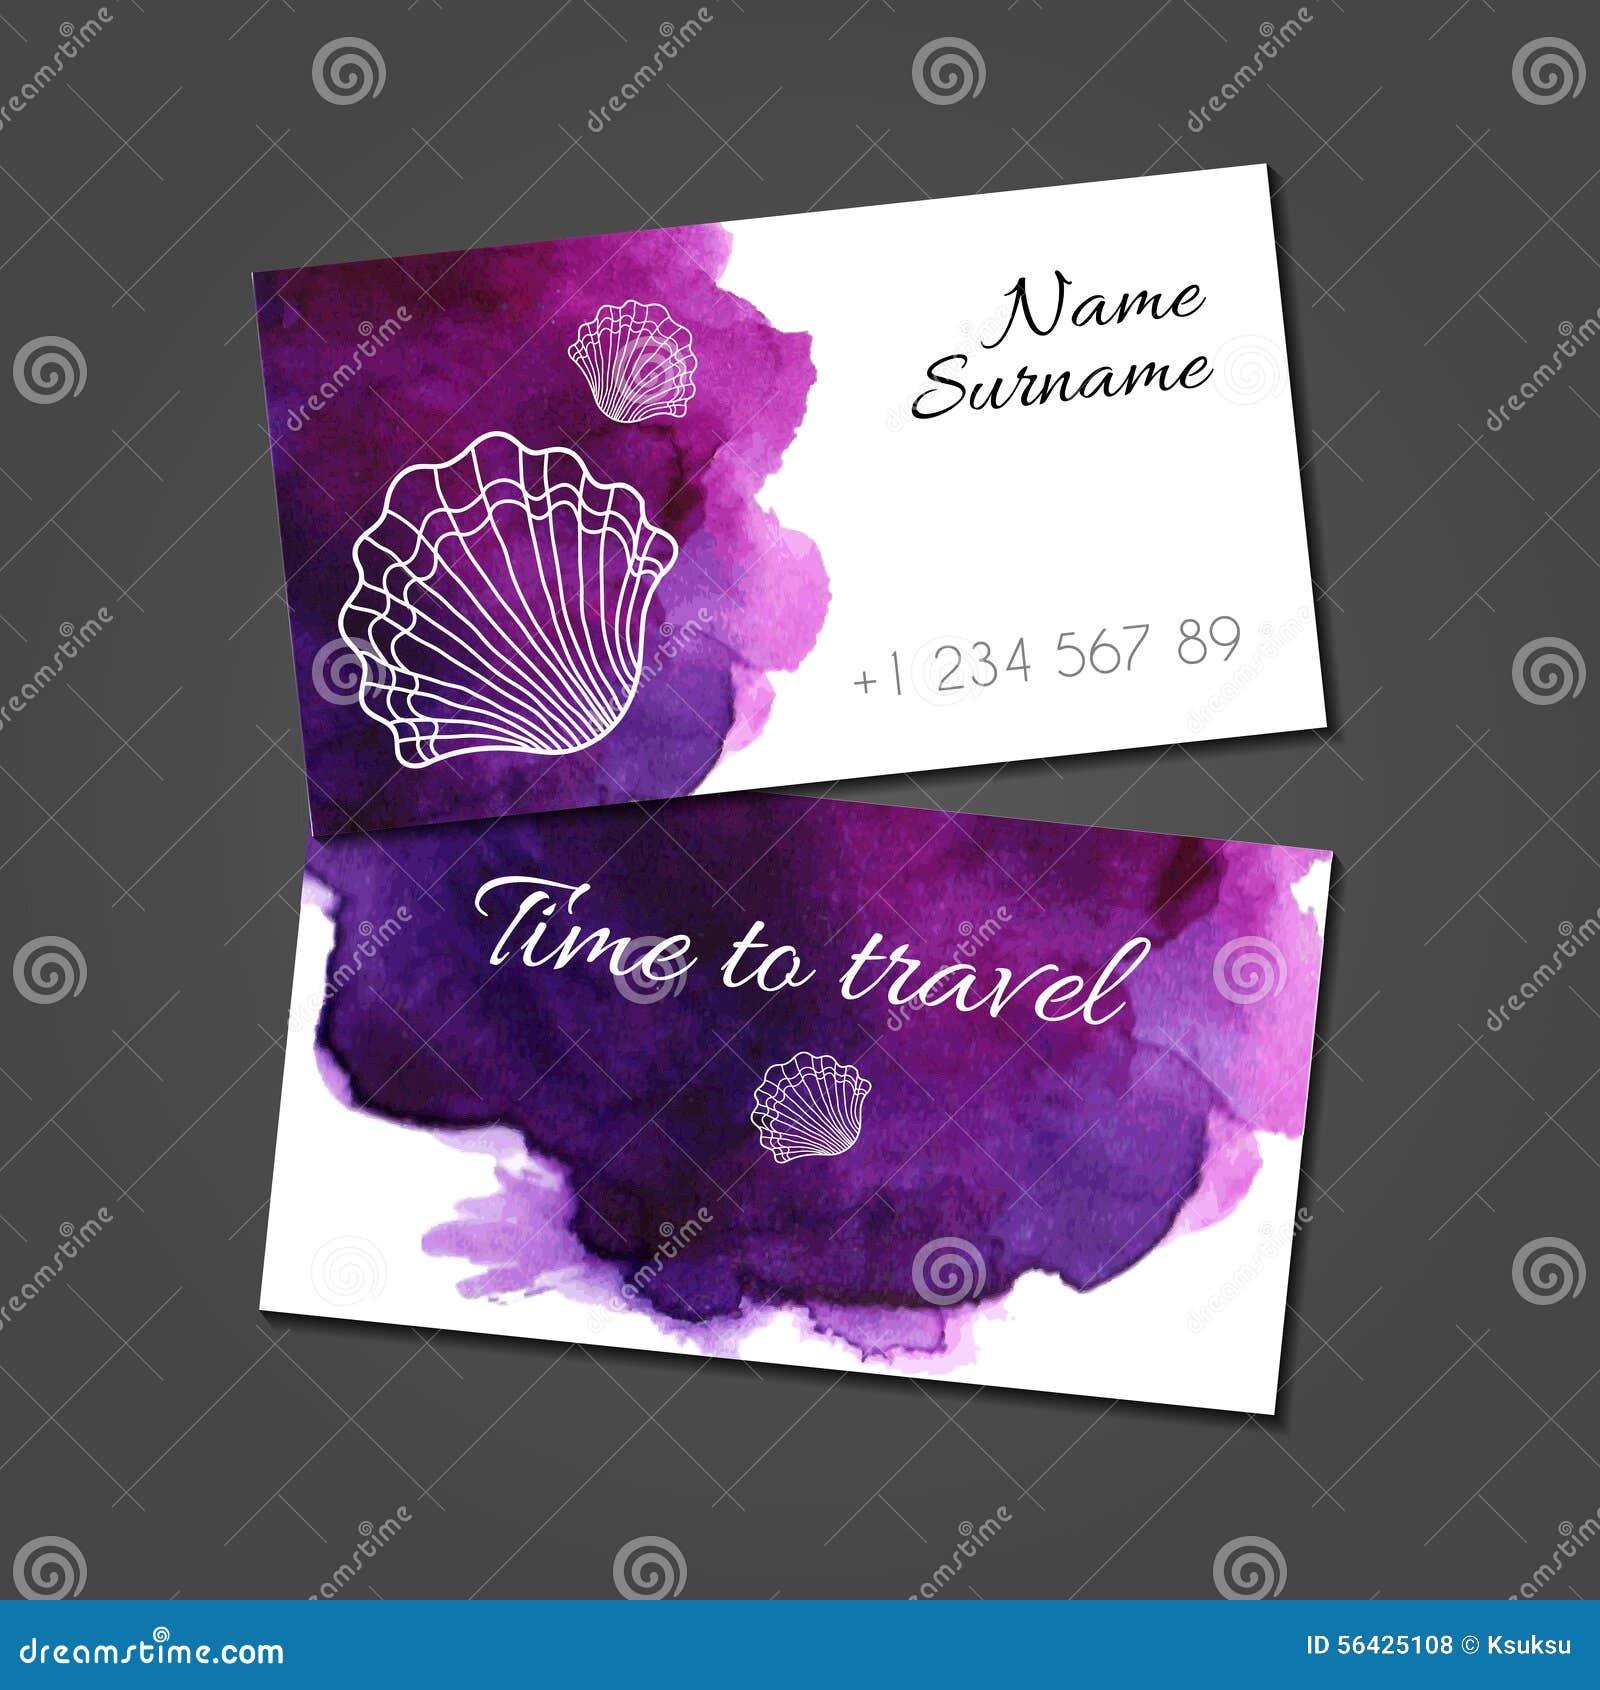 Calibre De Carte Visite Professionnelle Avec Des Coquillages Sur La Tache Pourpre Daquarelle Conception Artistique Vecteur Identite